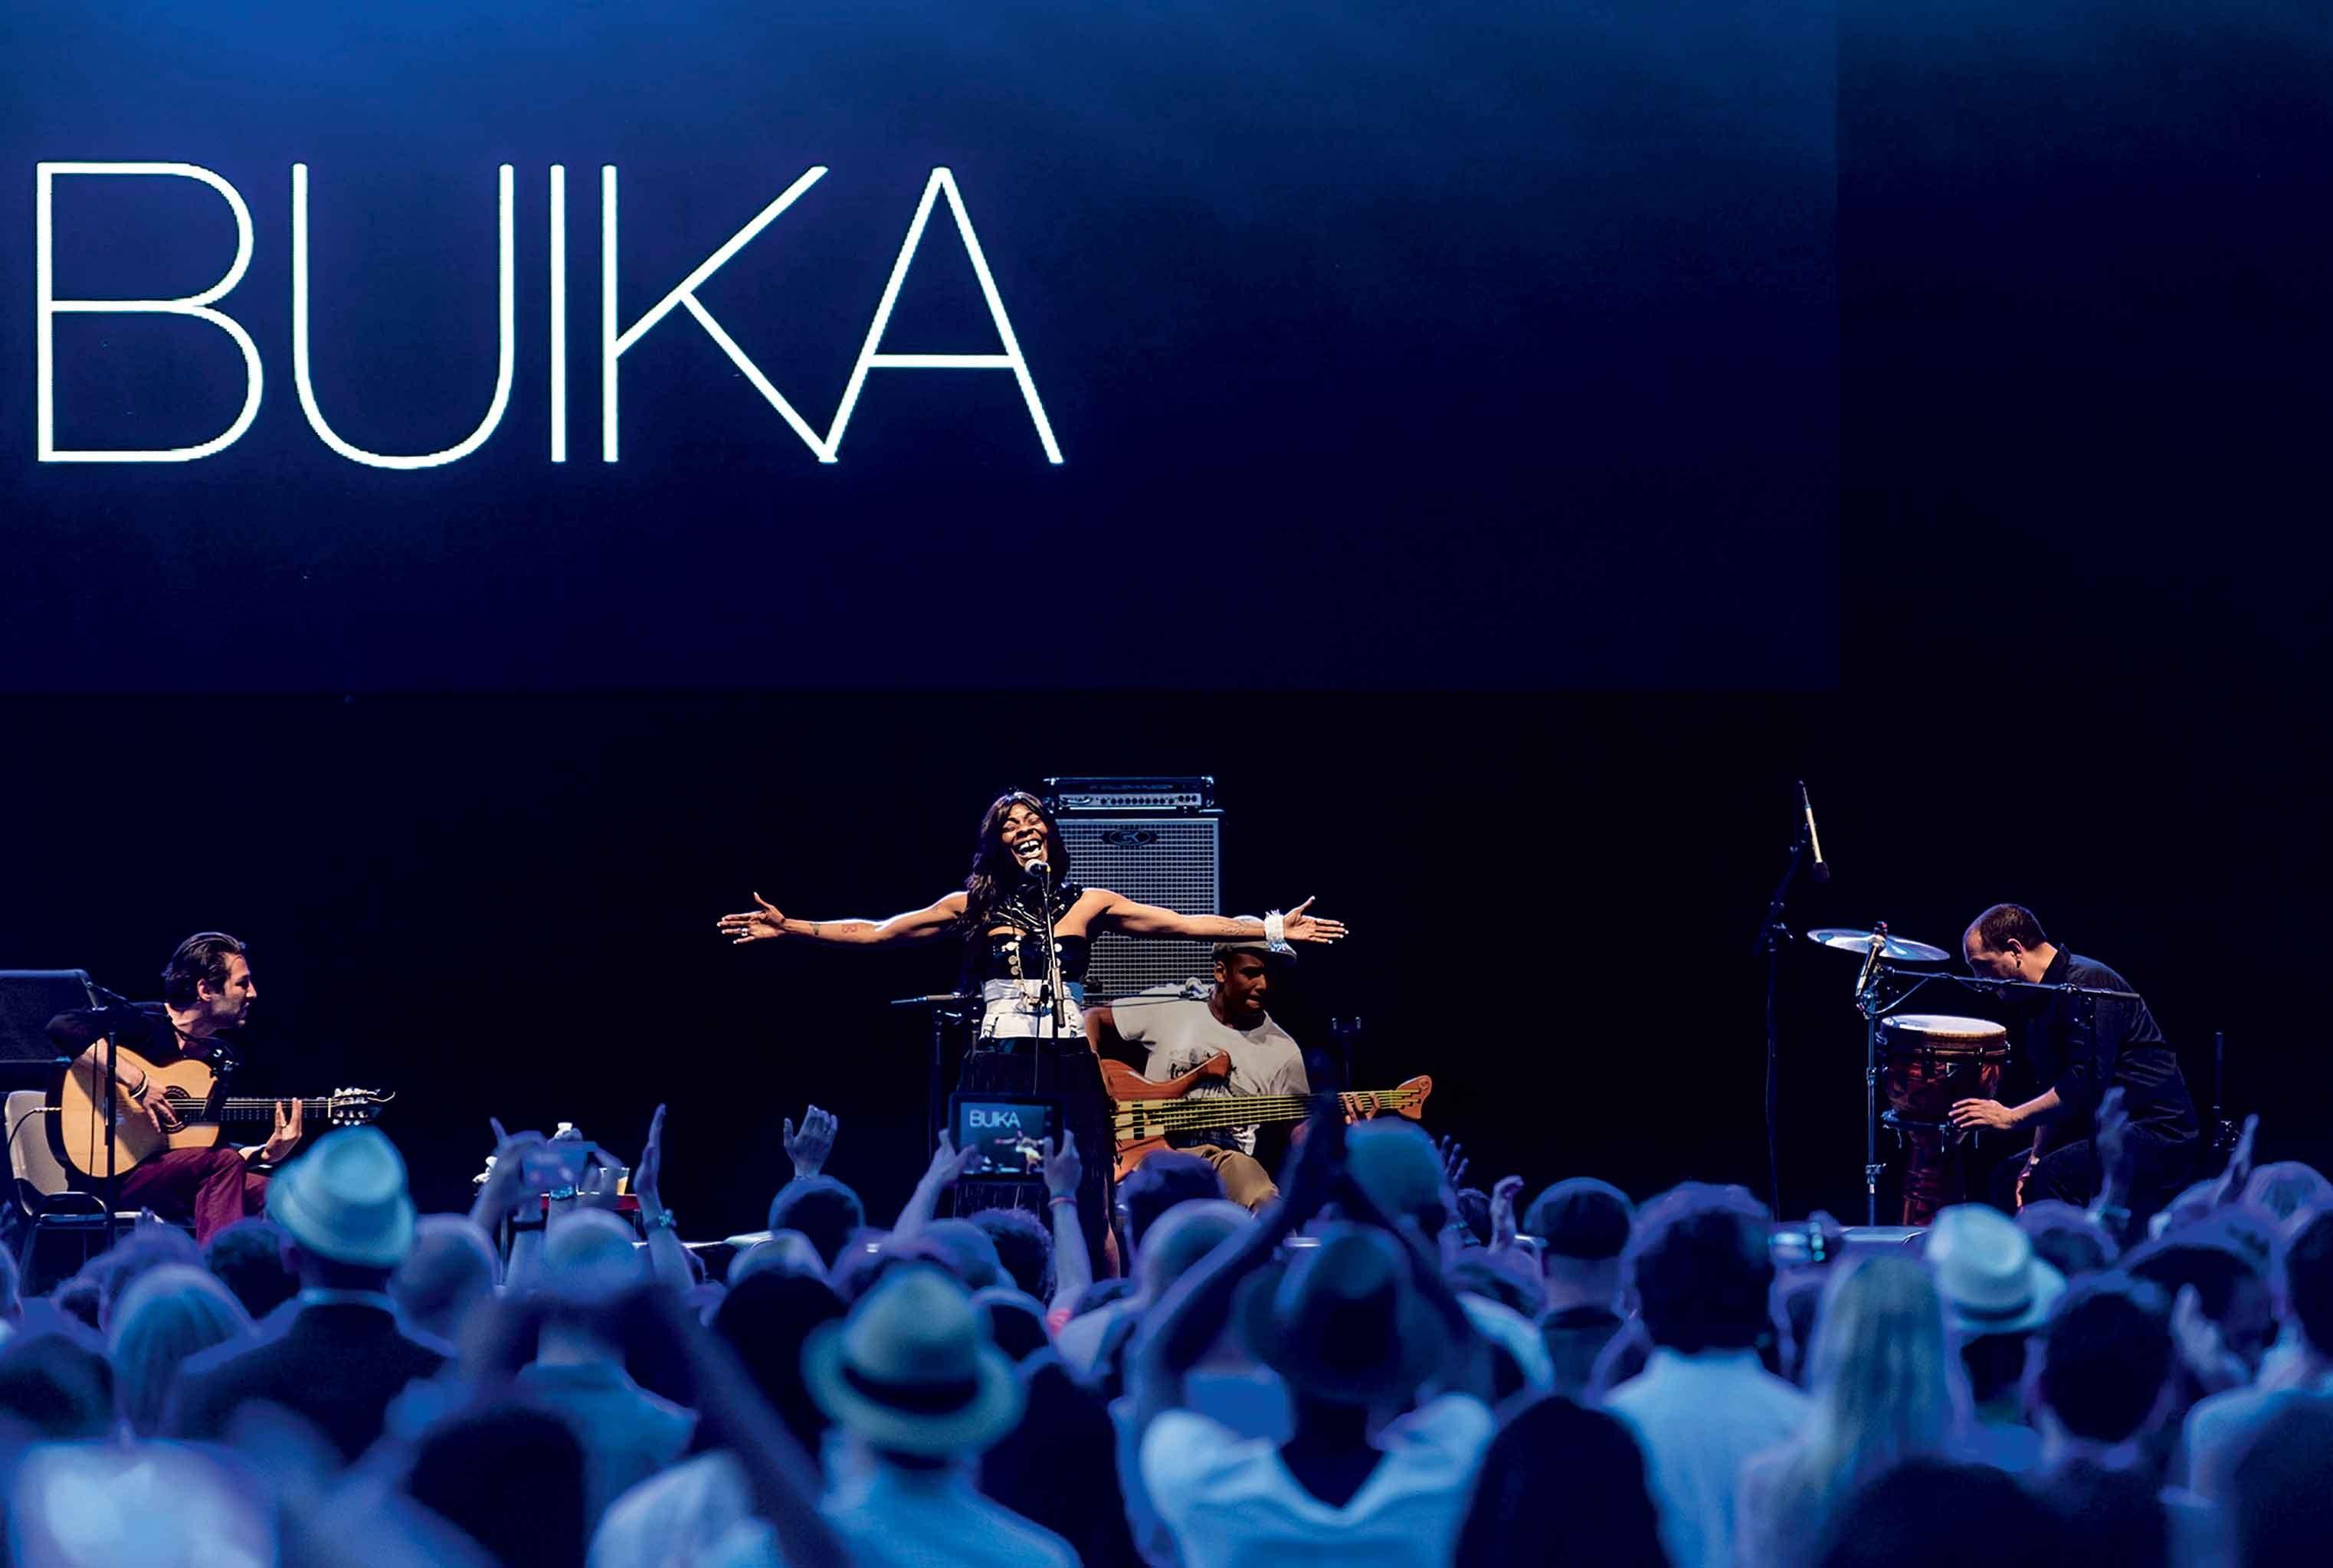 Apresentação do festival de jazz (Foto: Divulgação)